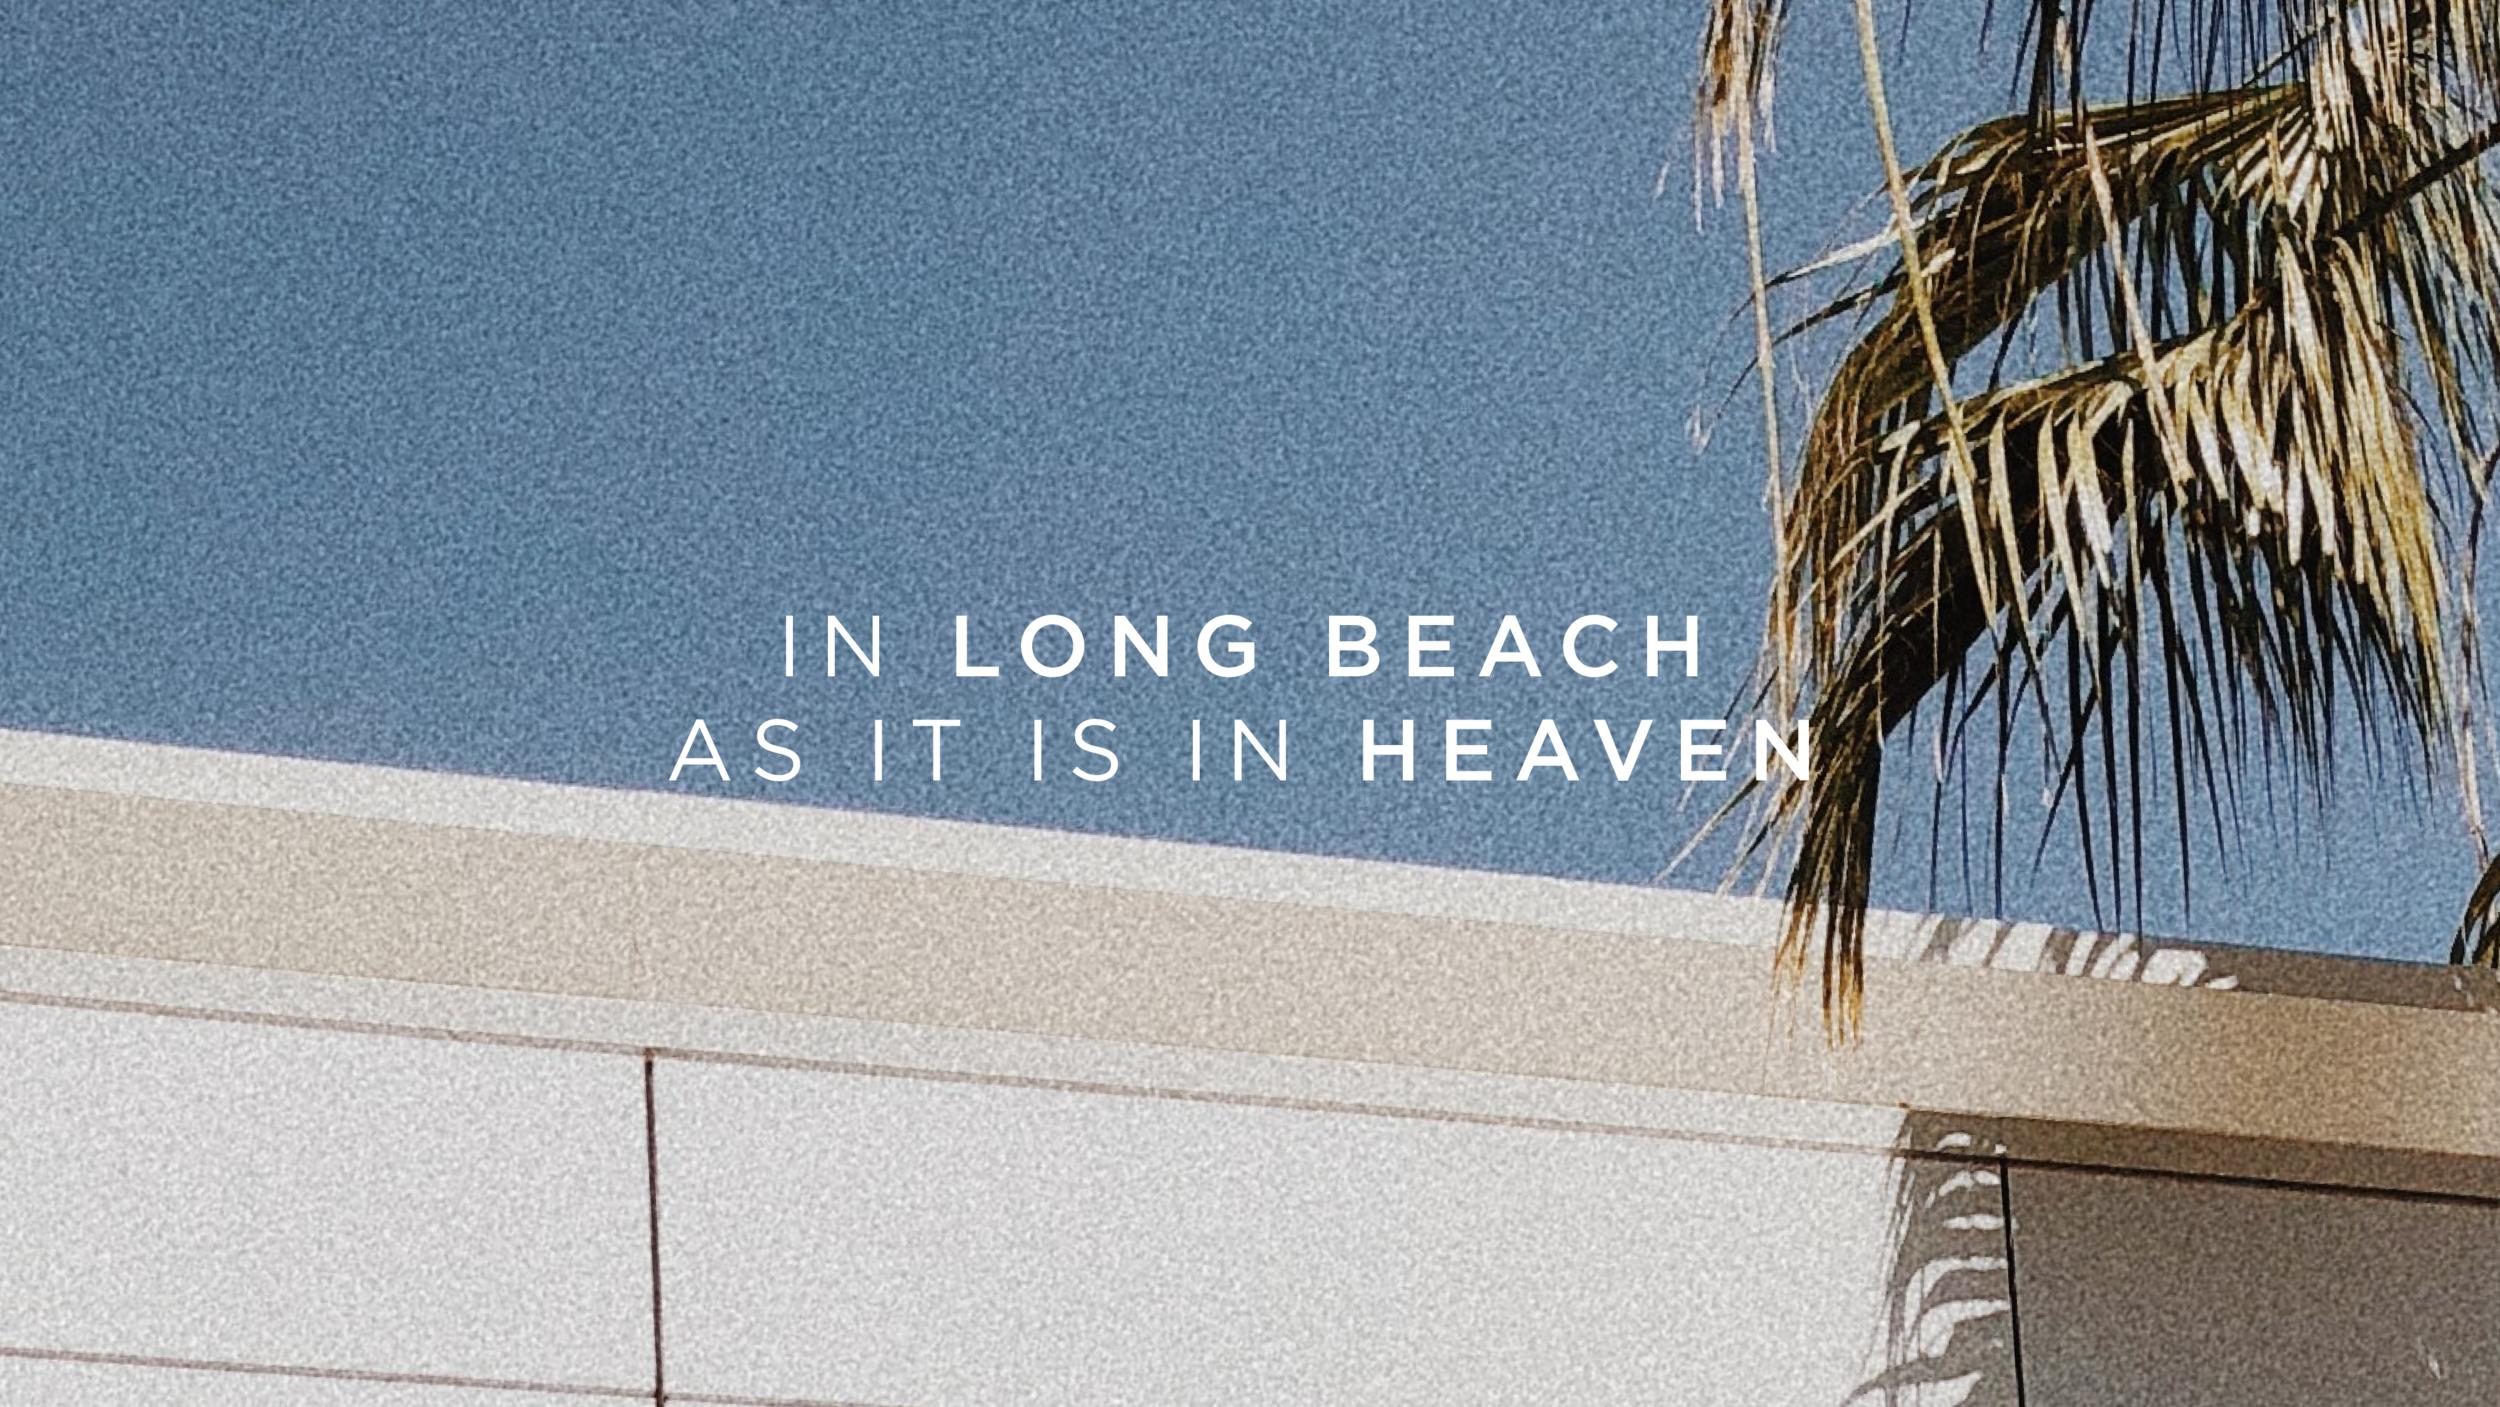 In-Long-Beach-as-it-is-Heaven.png